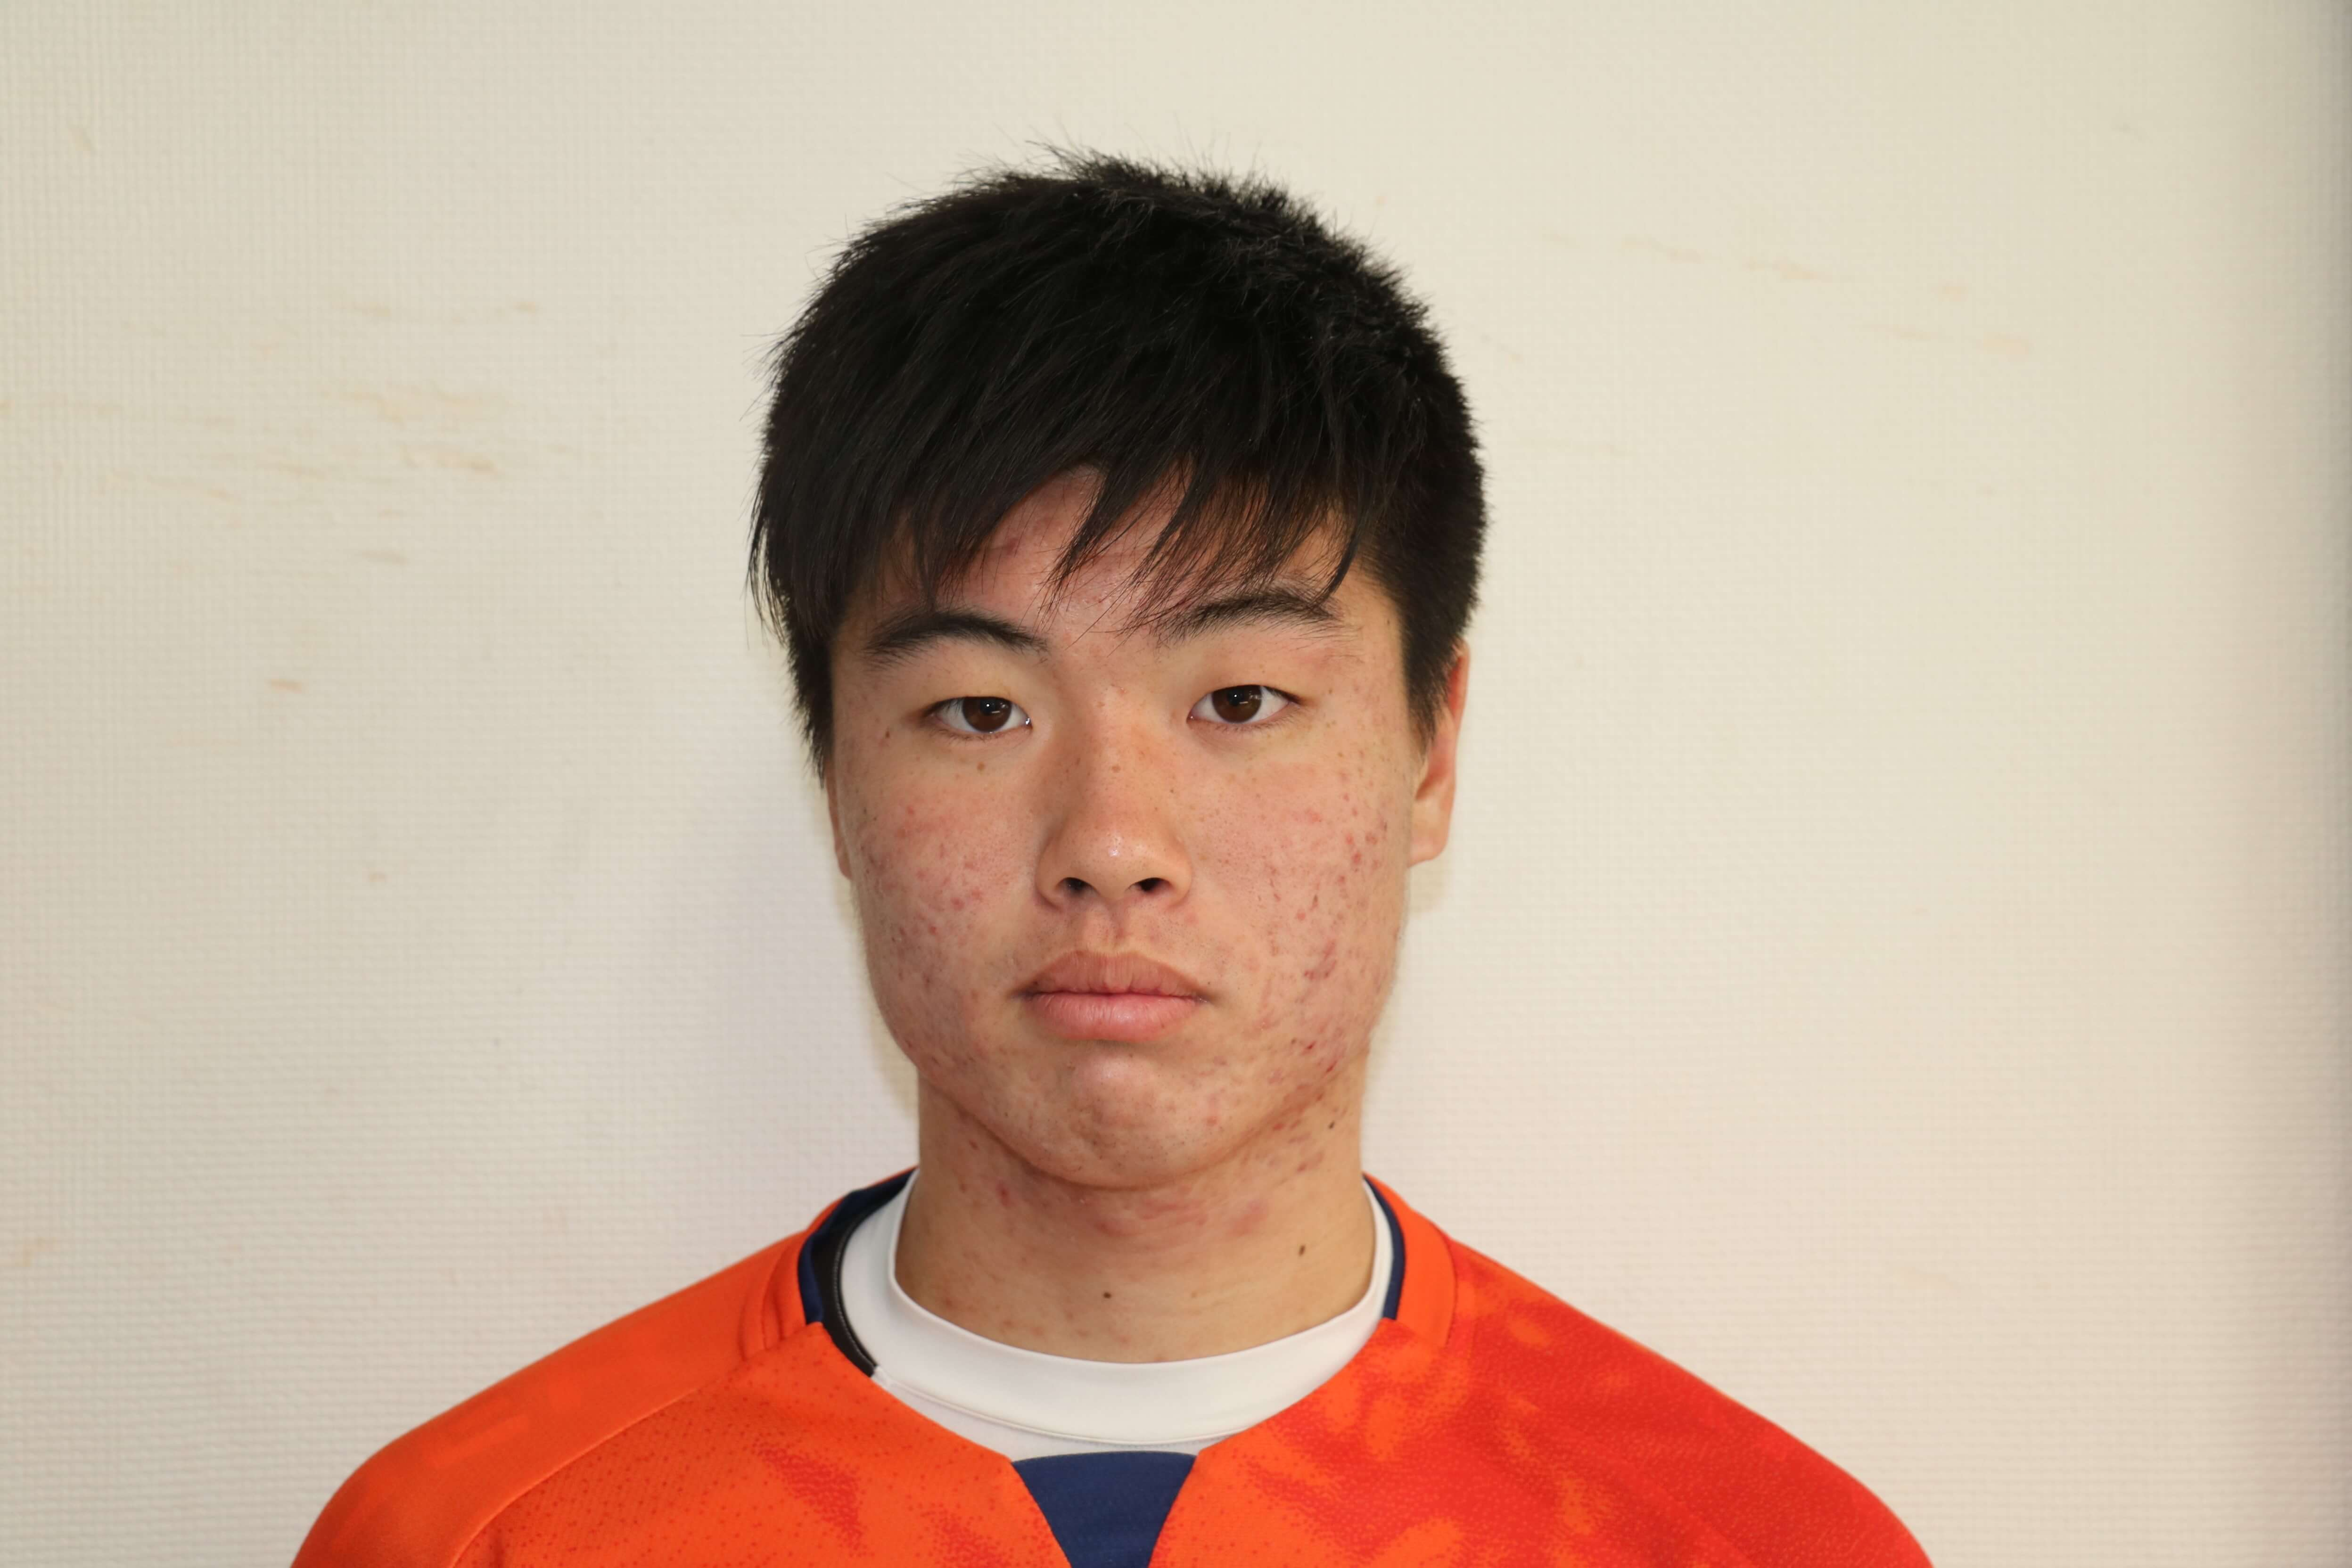 愛媛FC U-18所属 三原 秀真選手 U-18日本代表ポルトガル遠征 選出のお知らせ